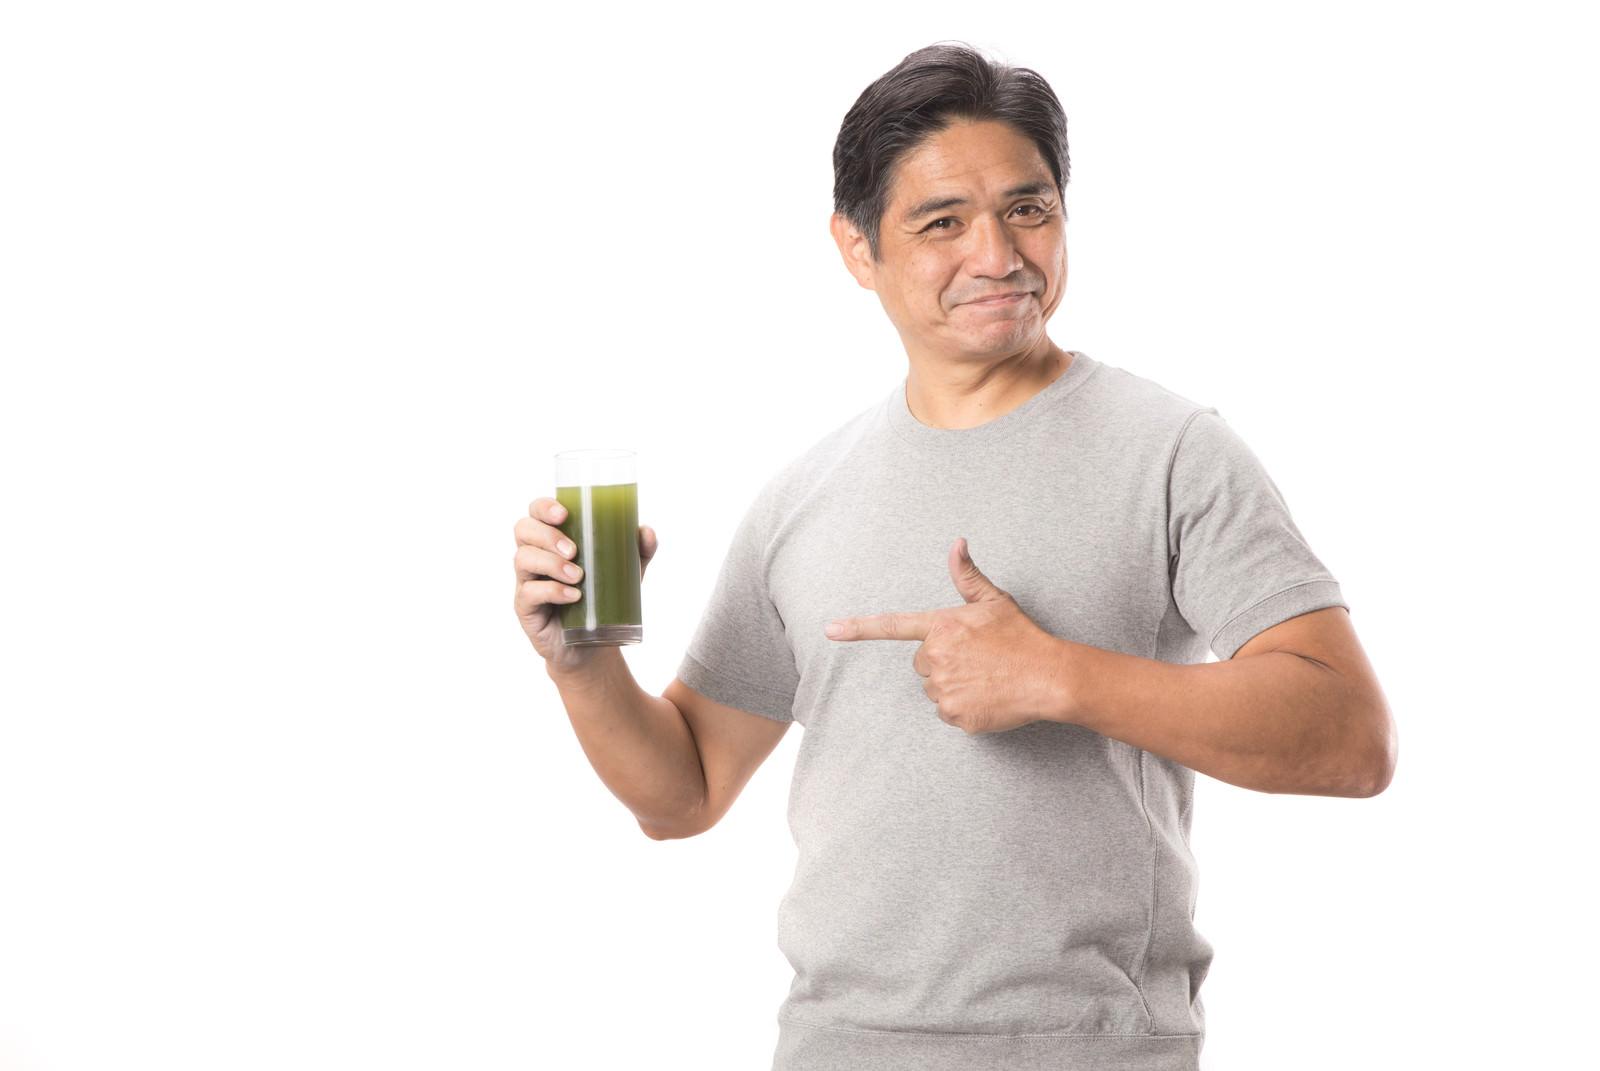 「グラスの青汁を指差す中年男性」の写真[モデル:よたか]